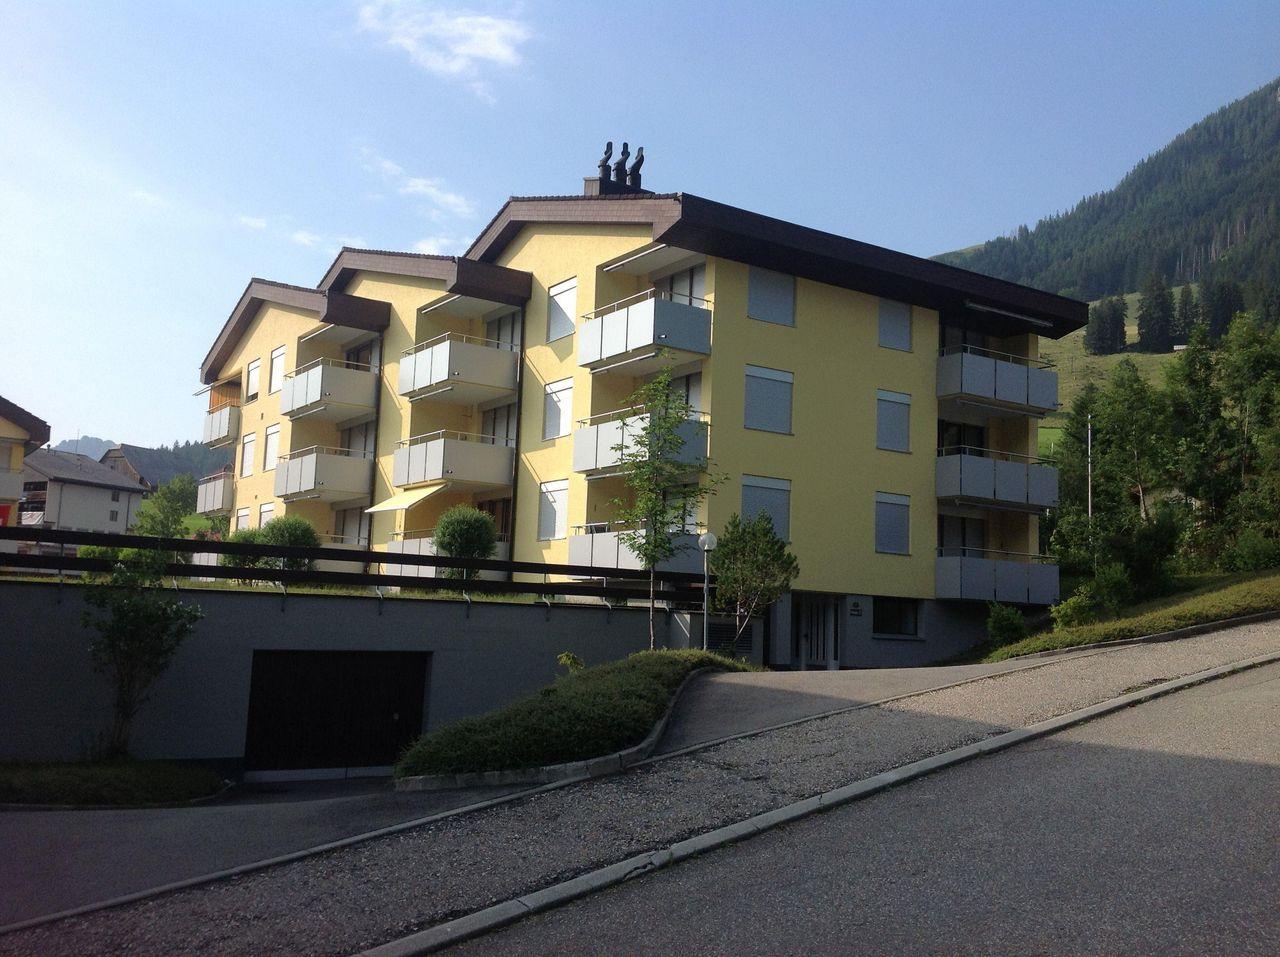 Ferienwohnung Rothorn-Center C / Fam. Glinz